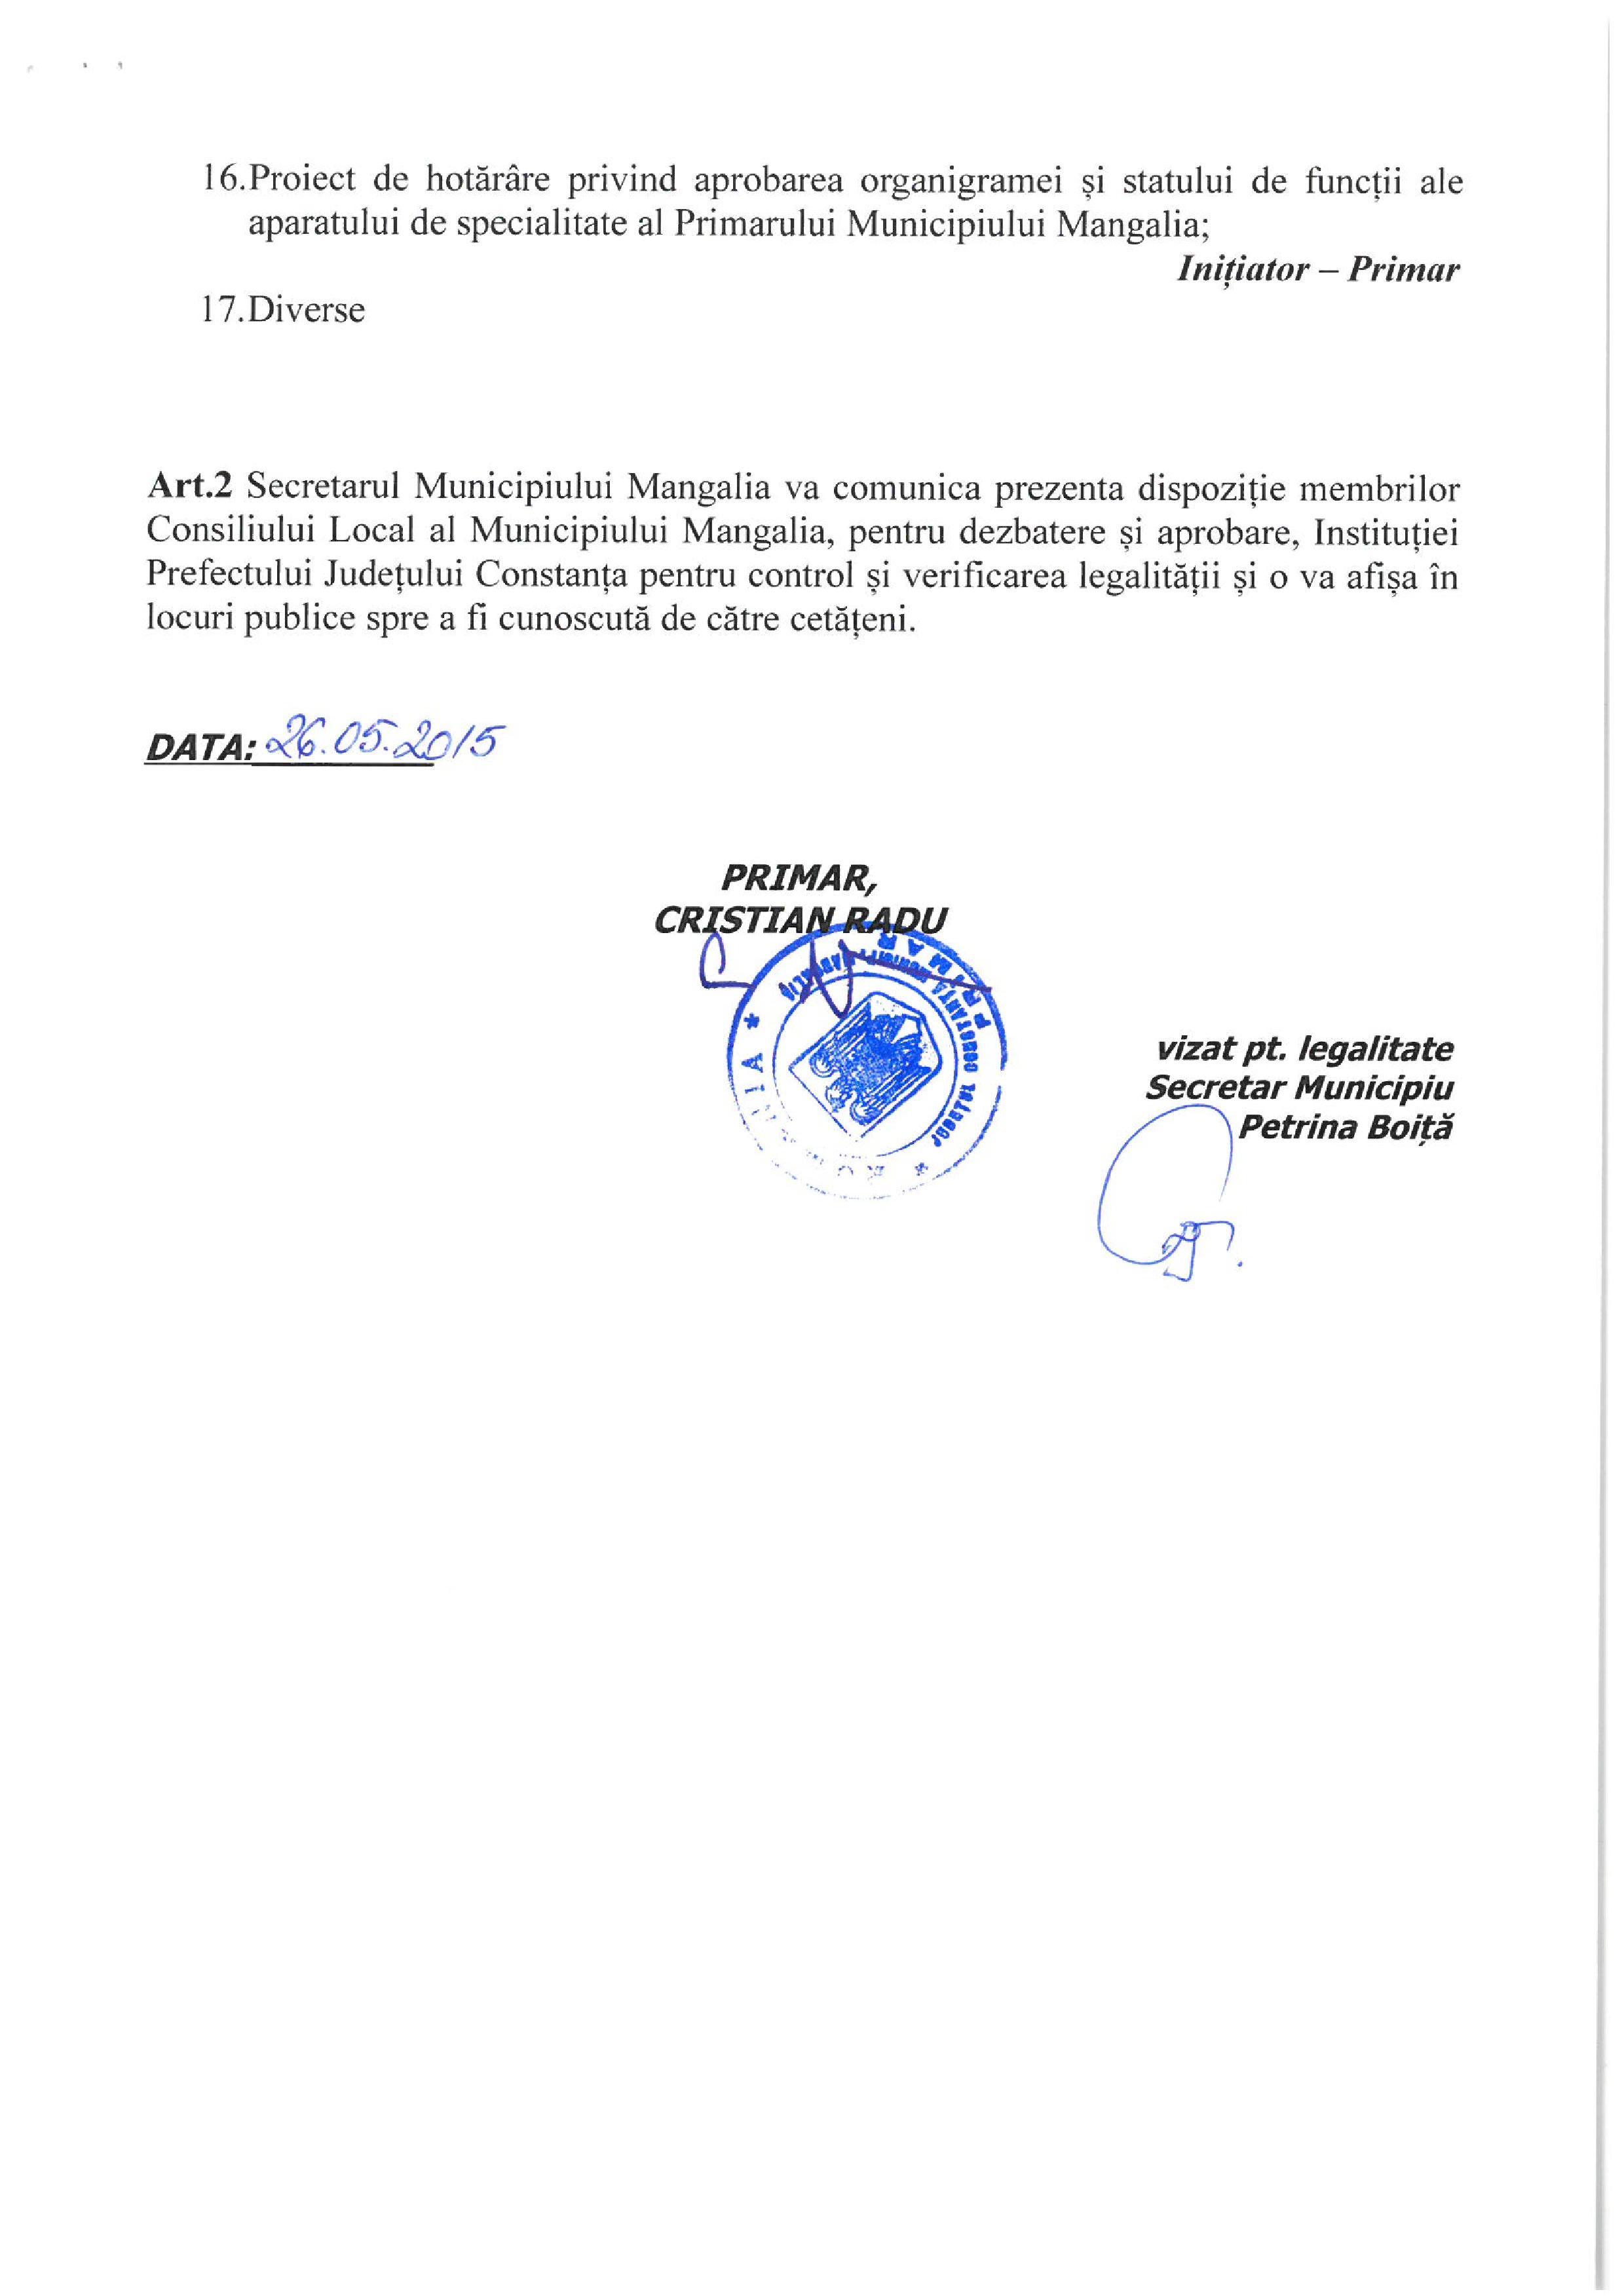 Ordine de zi - 28.05.2015-page-003